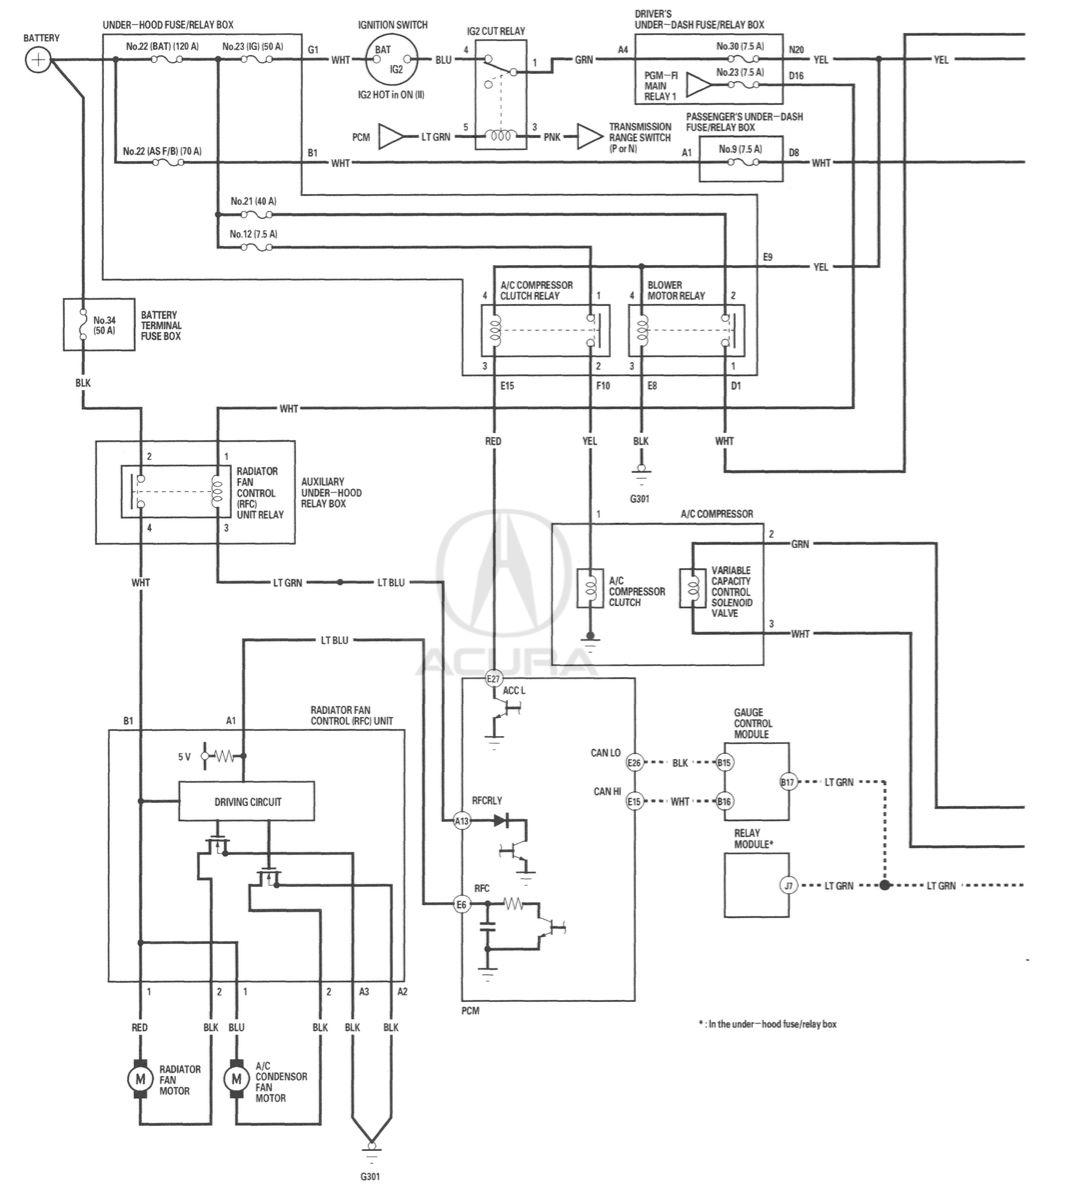 Acura Wiring Diagram - Schematics Online on